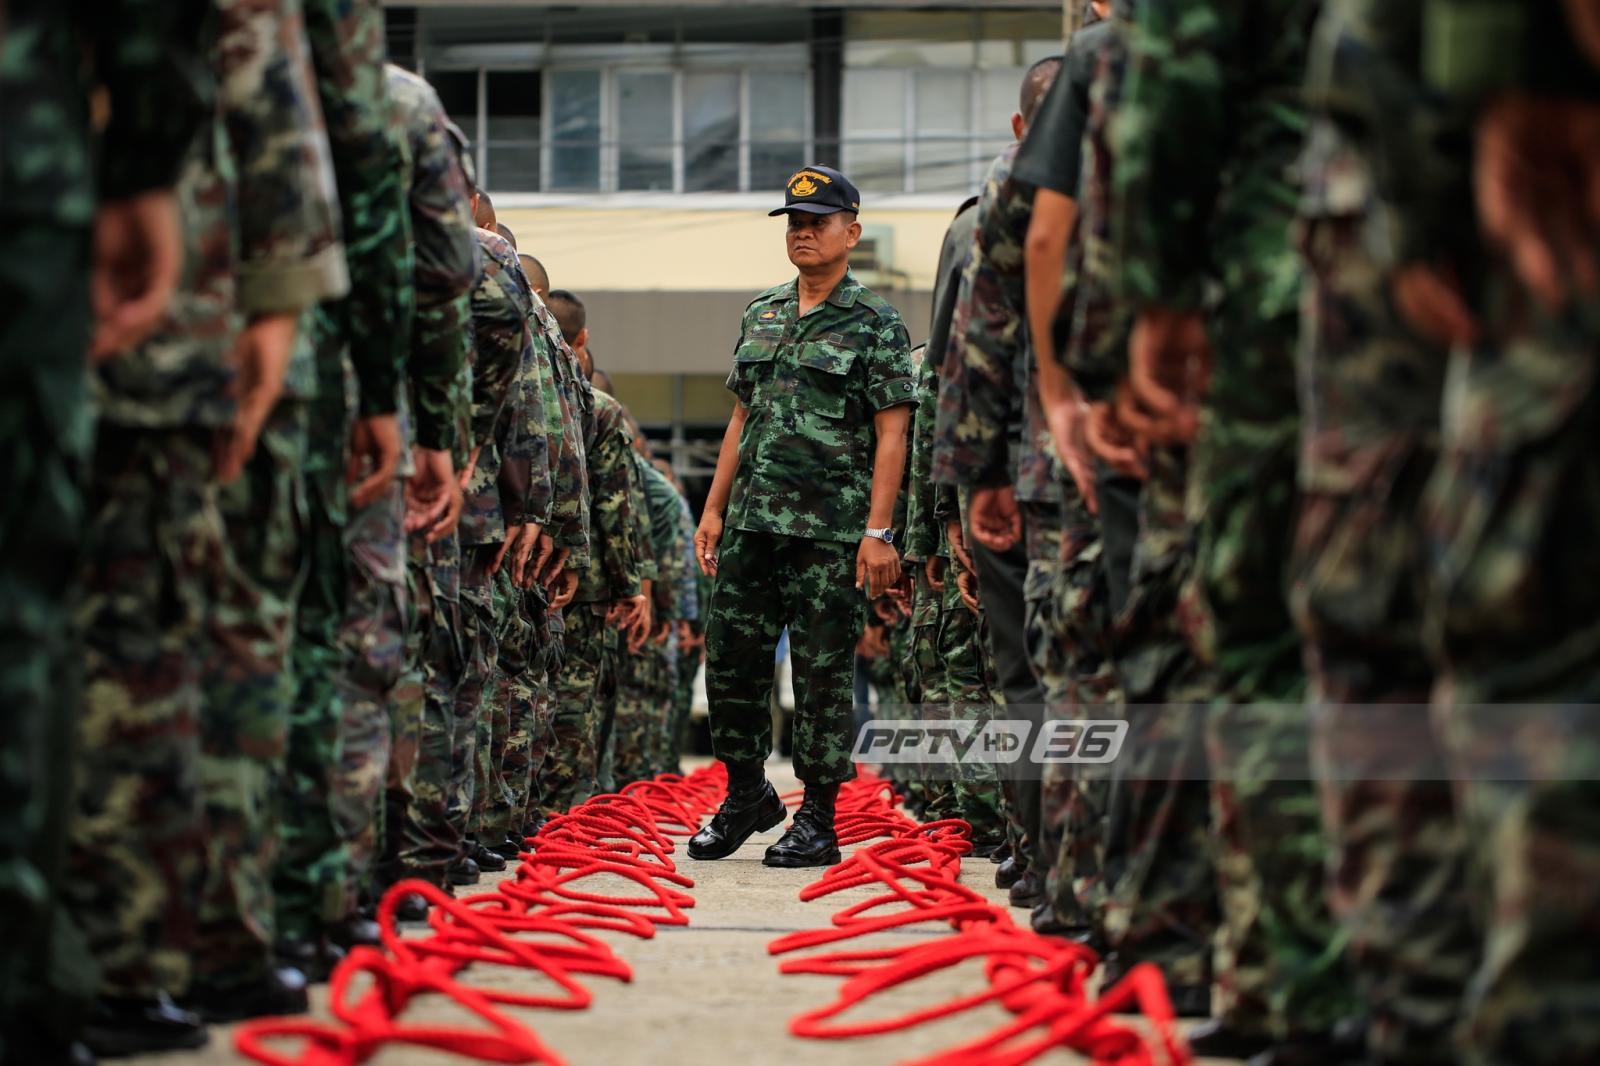 กรมสรรพาวุธทหารบกฝึกซ้อมพลฉุดชักราชรถ 300 นาย